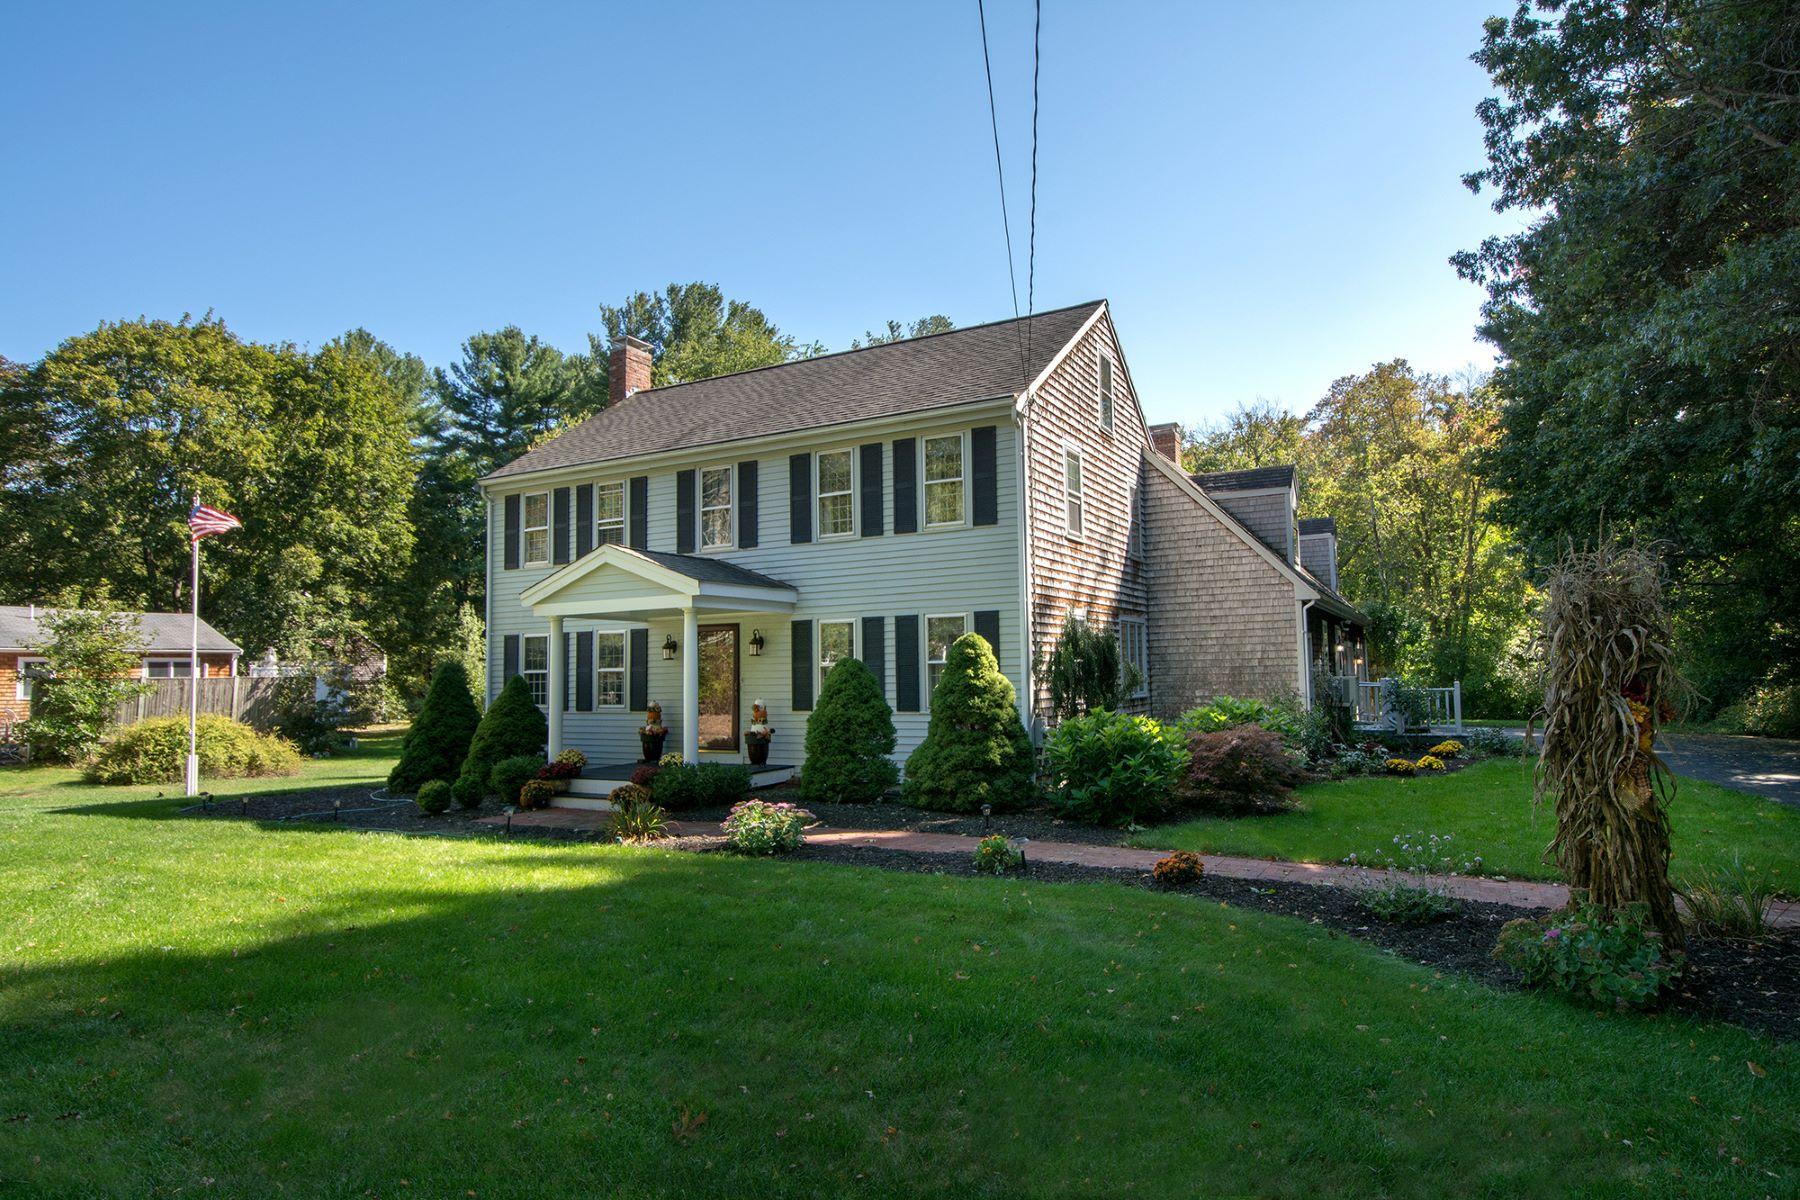 Maison unifamiliale pour l Vente à Well-loved, One Owner Colonial 183 Prospect Street, Hingham, Massachusetts, 02043 États-Unis